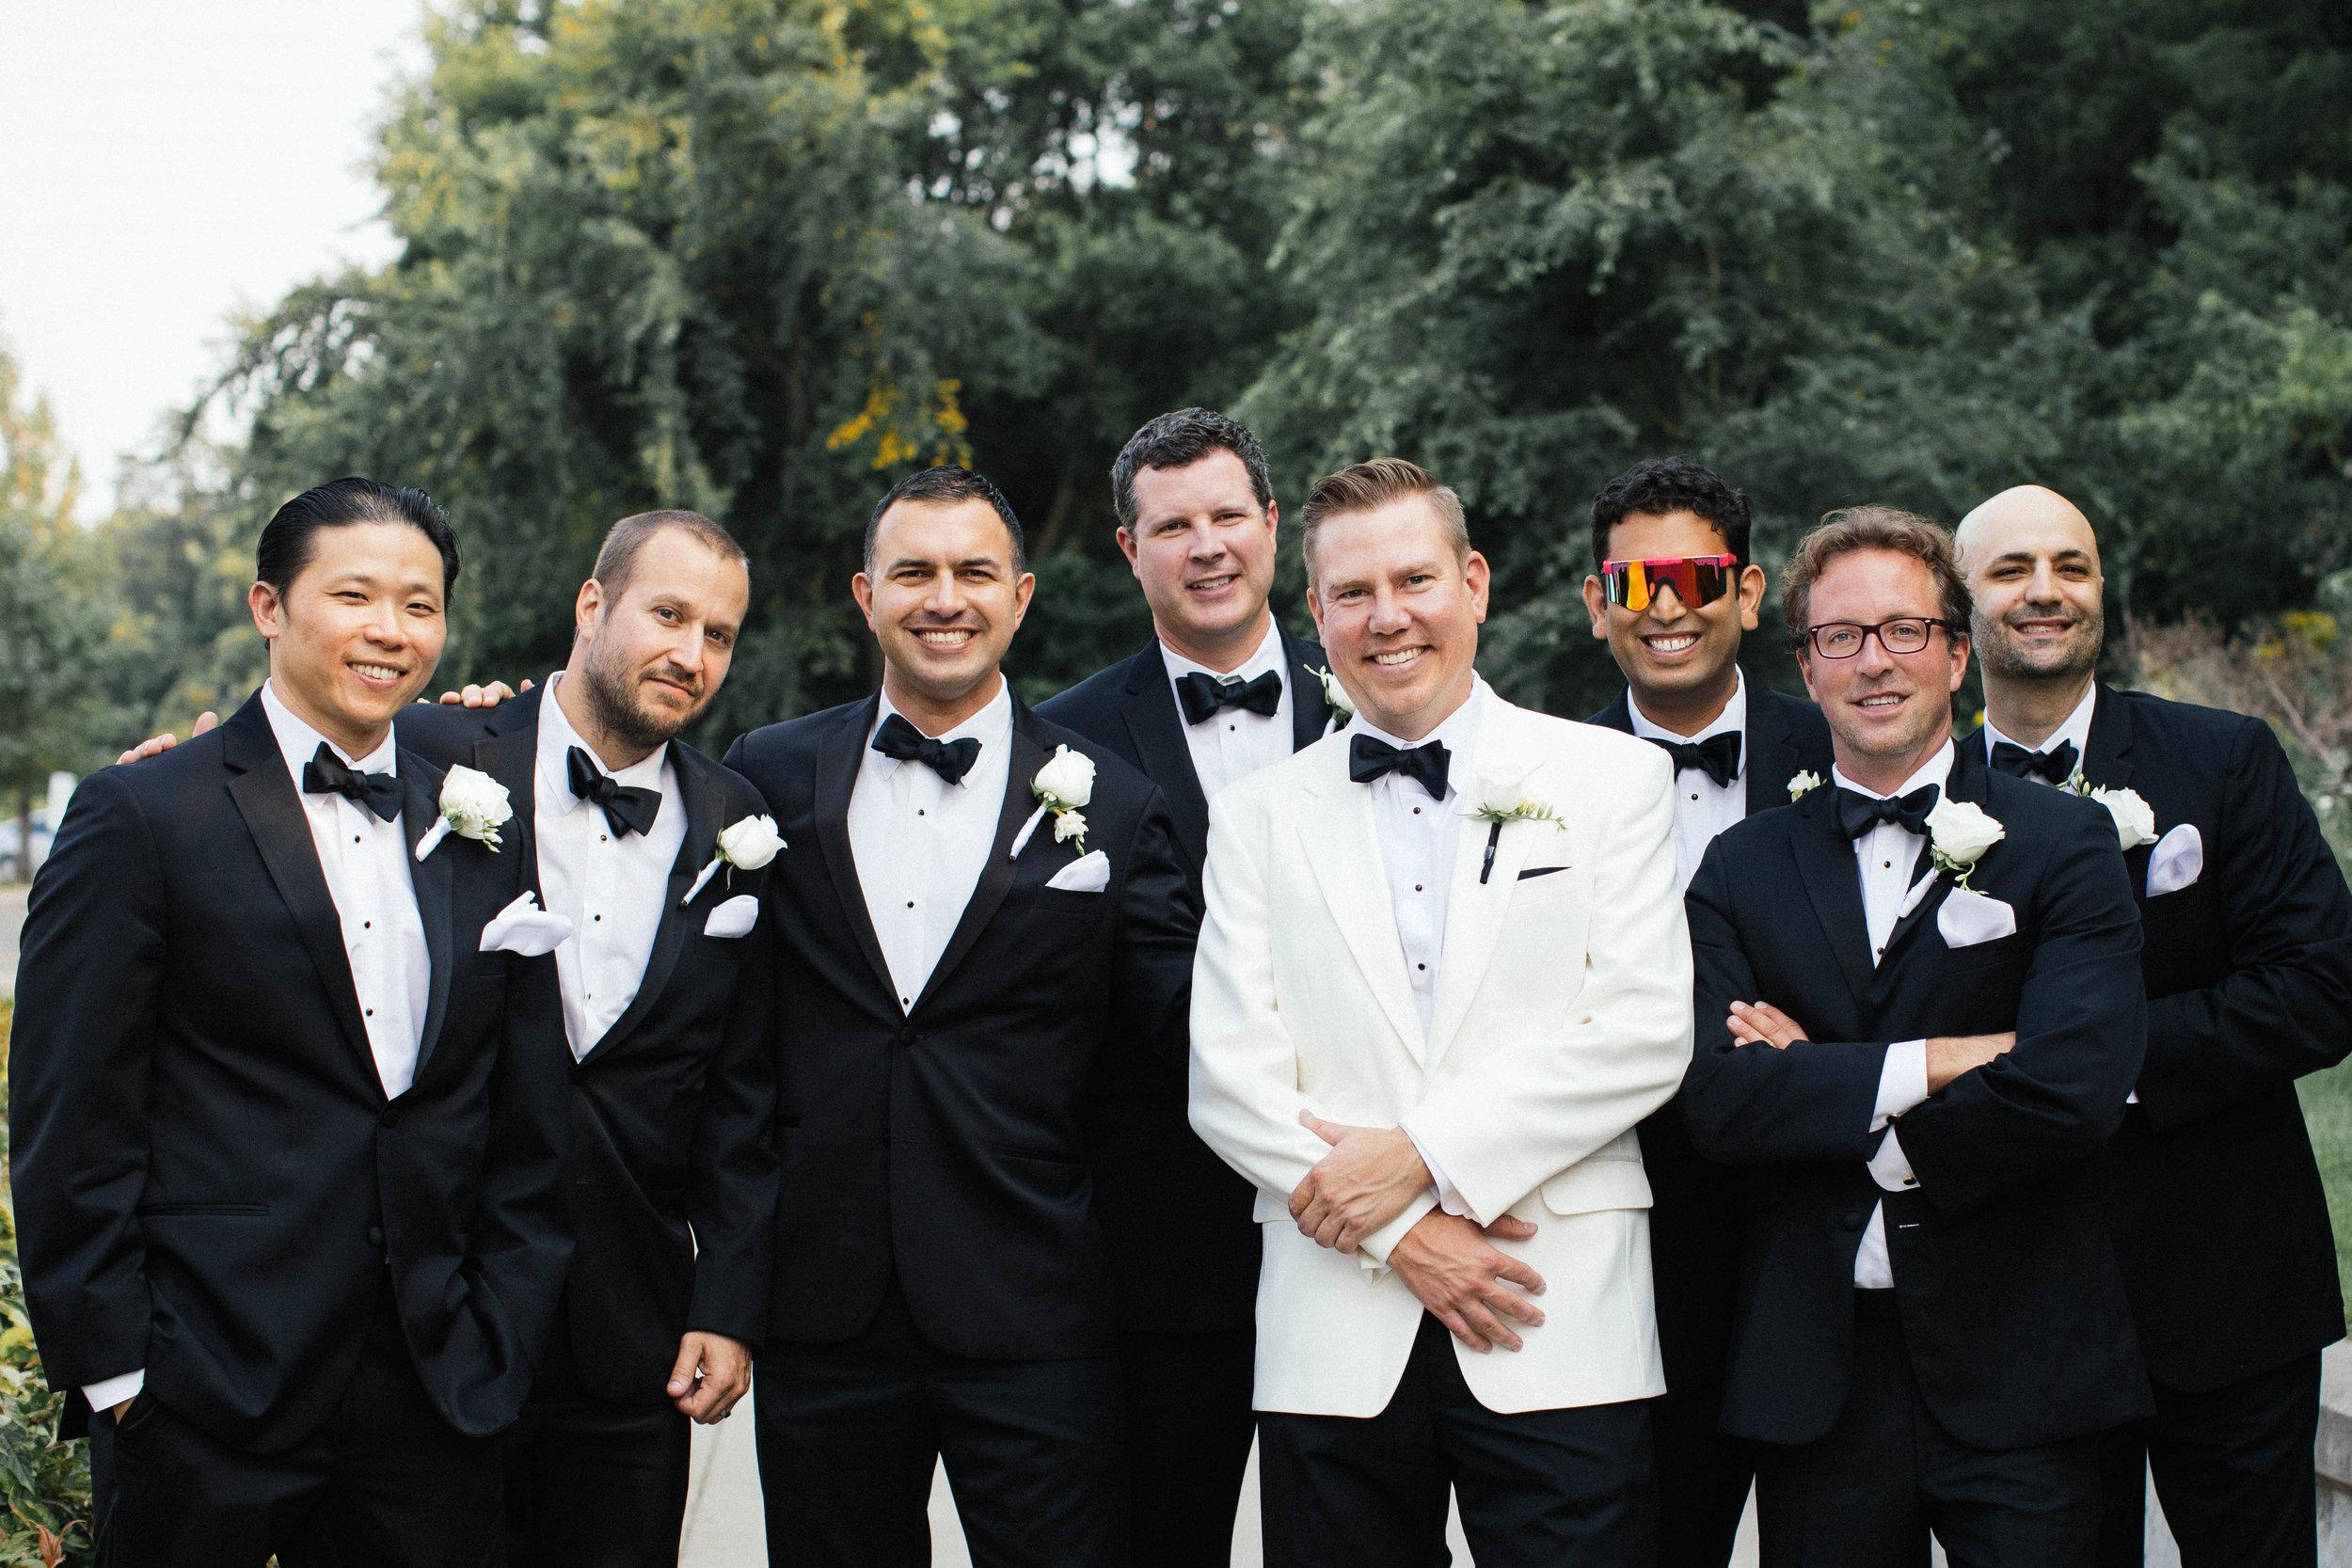 Hewing Hotel Wedding Photography groomsmen photo